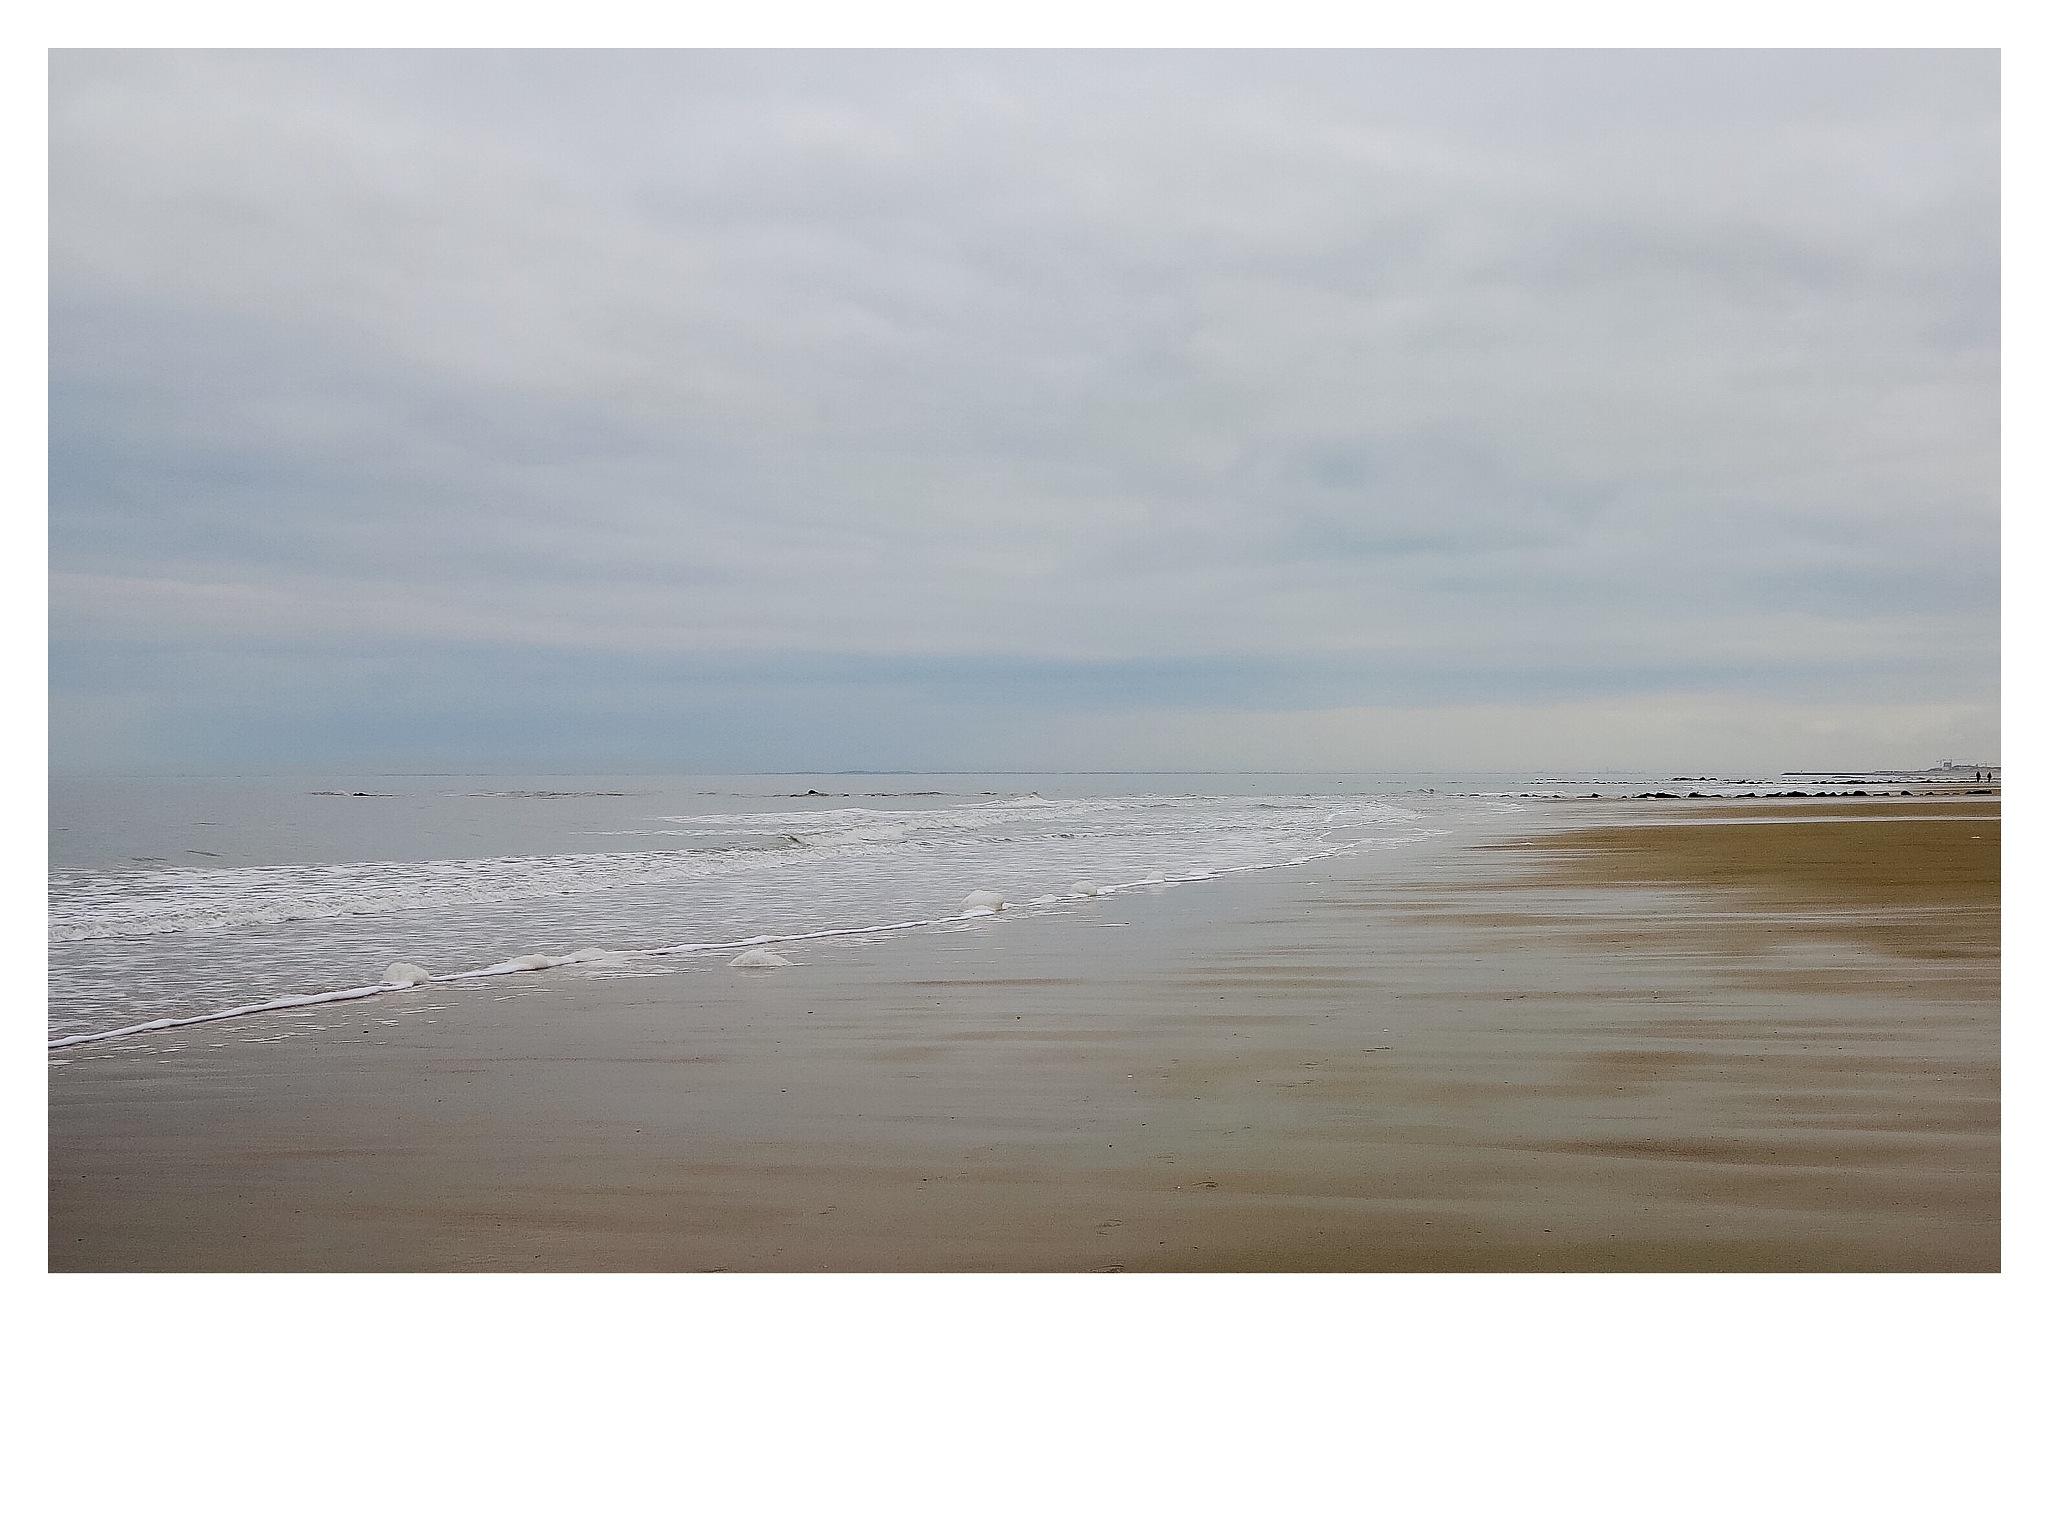 Sea by miedeschepper